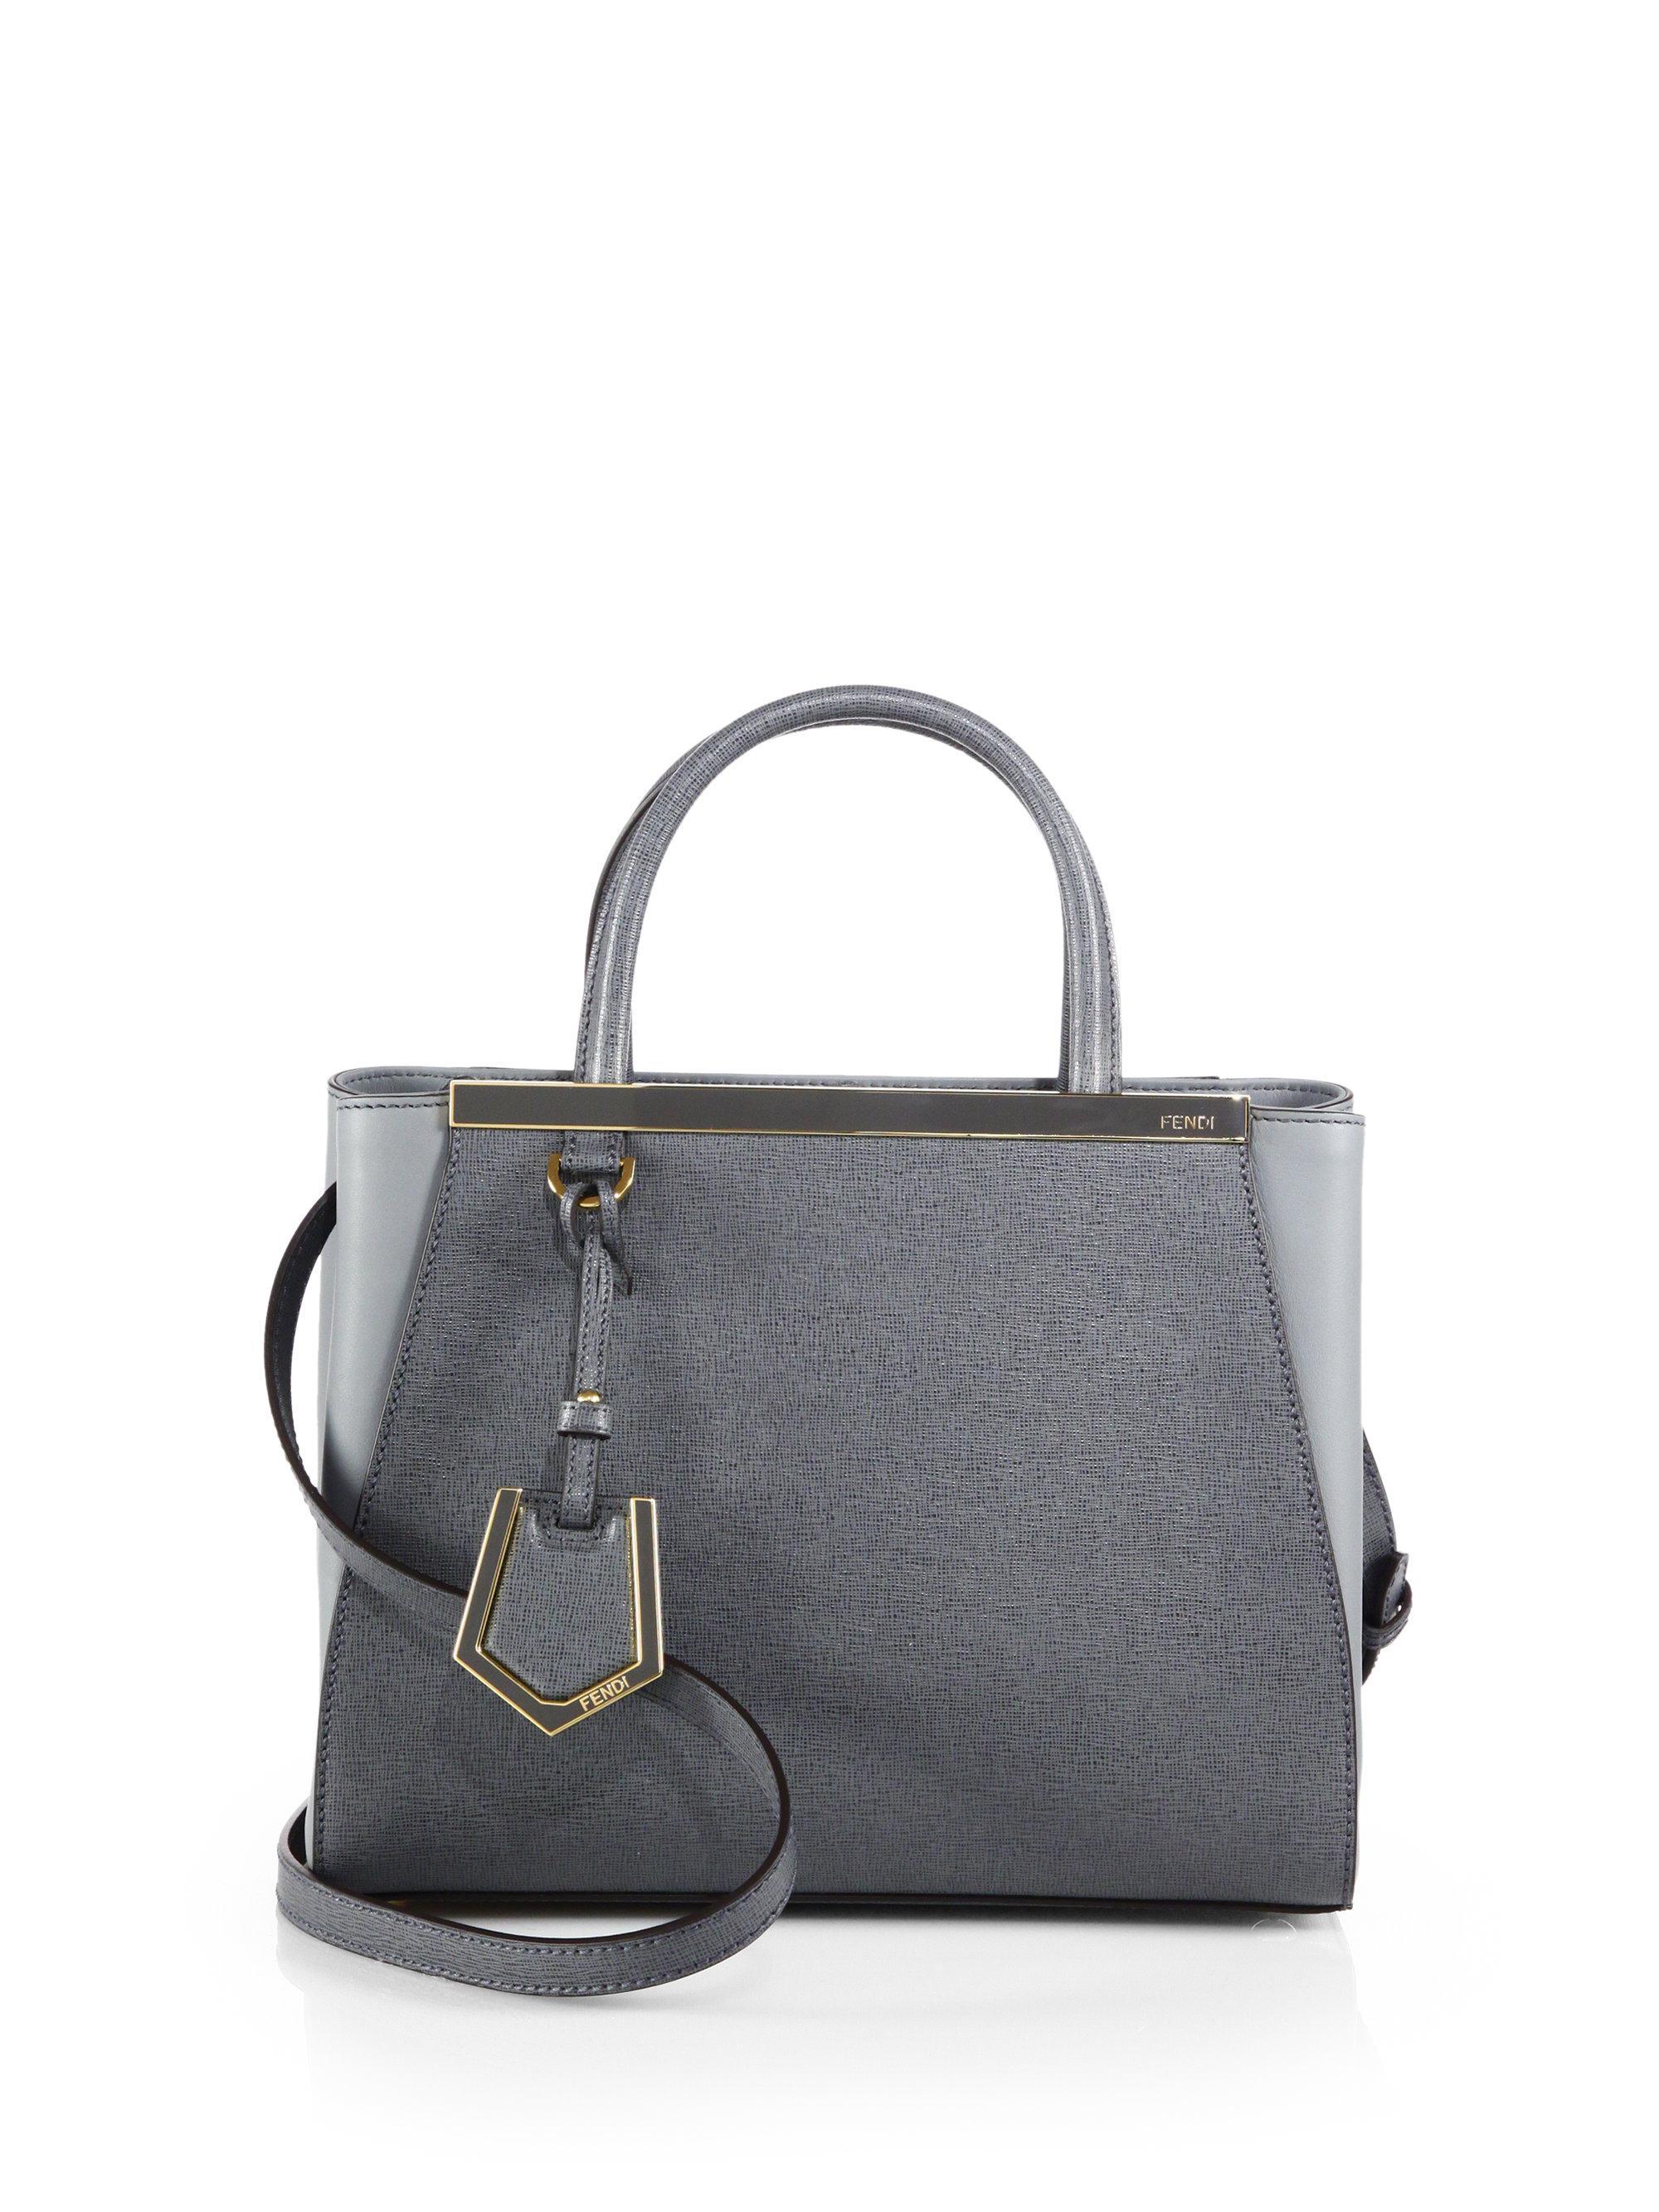 Lyst - Fendi 2jours Petite Shopper in Gray 185b8b1866a0b